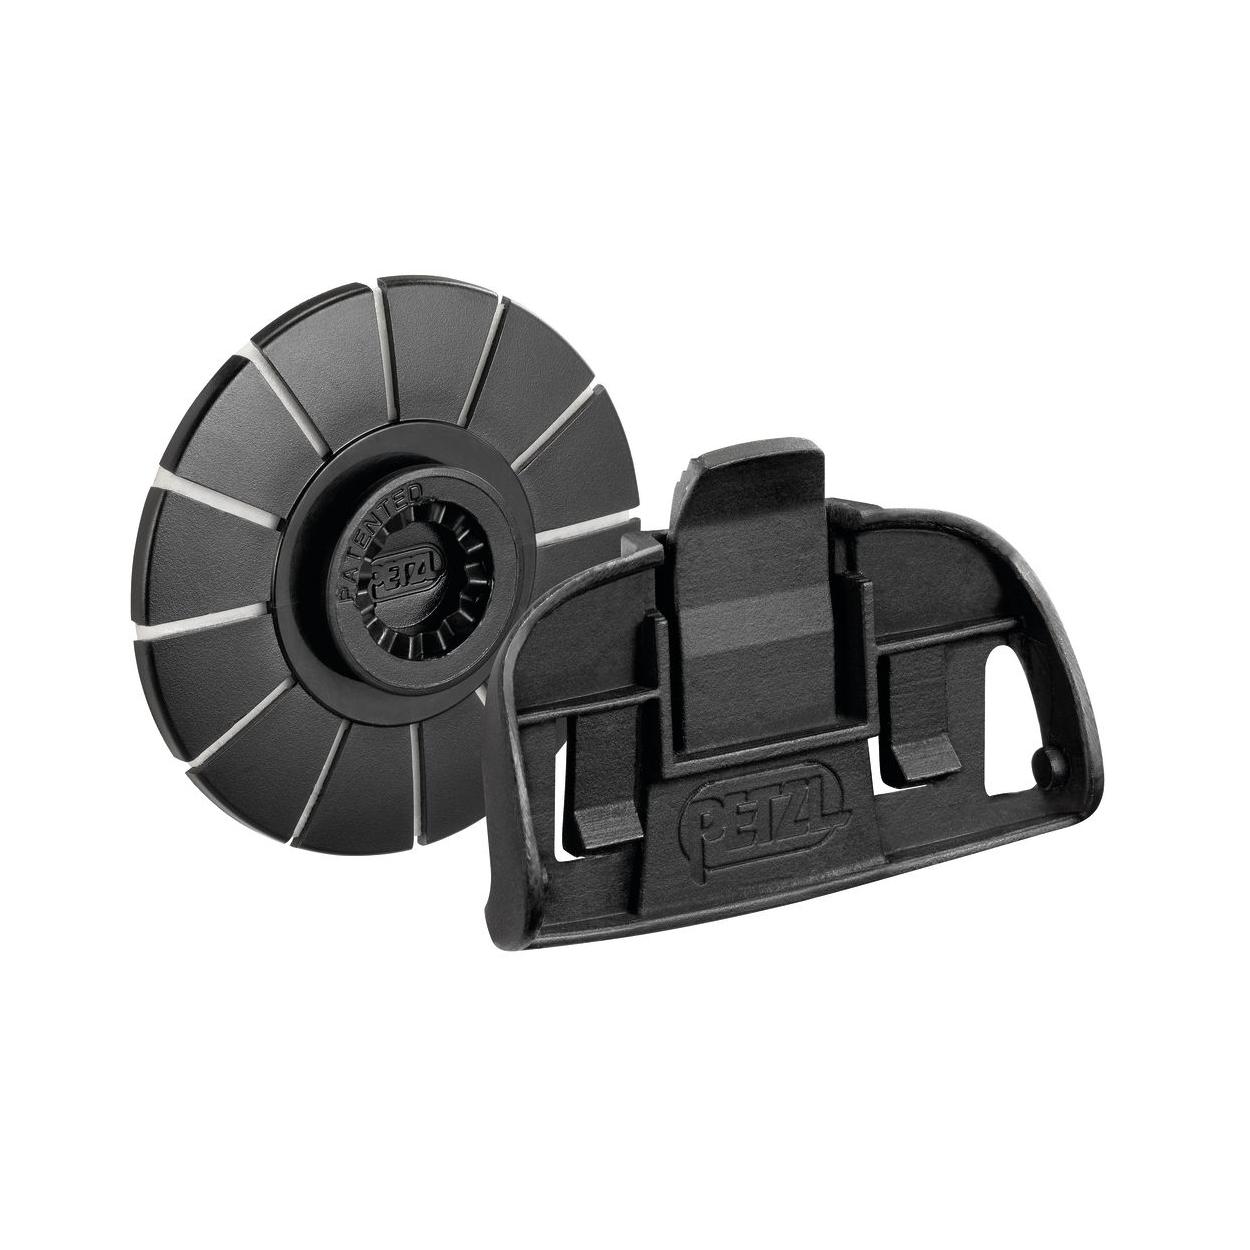 Accesorios para linternas frontales Compactas